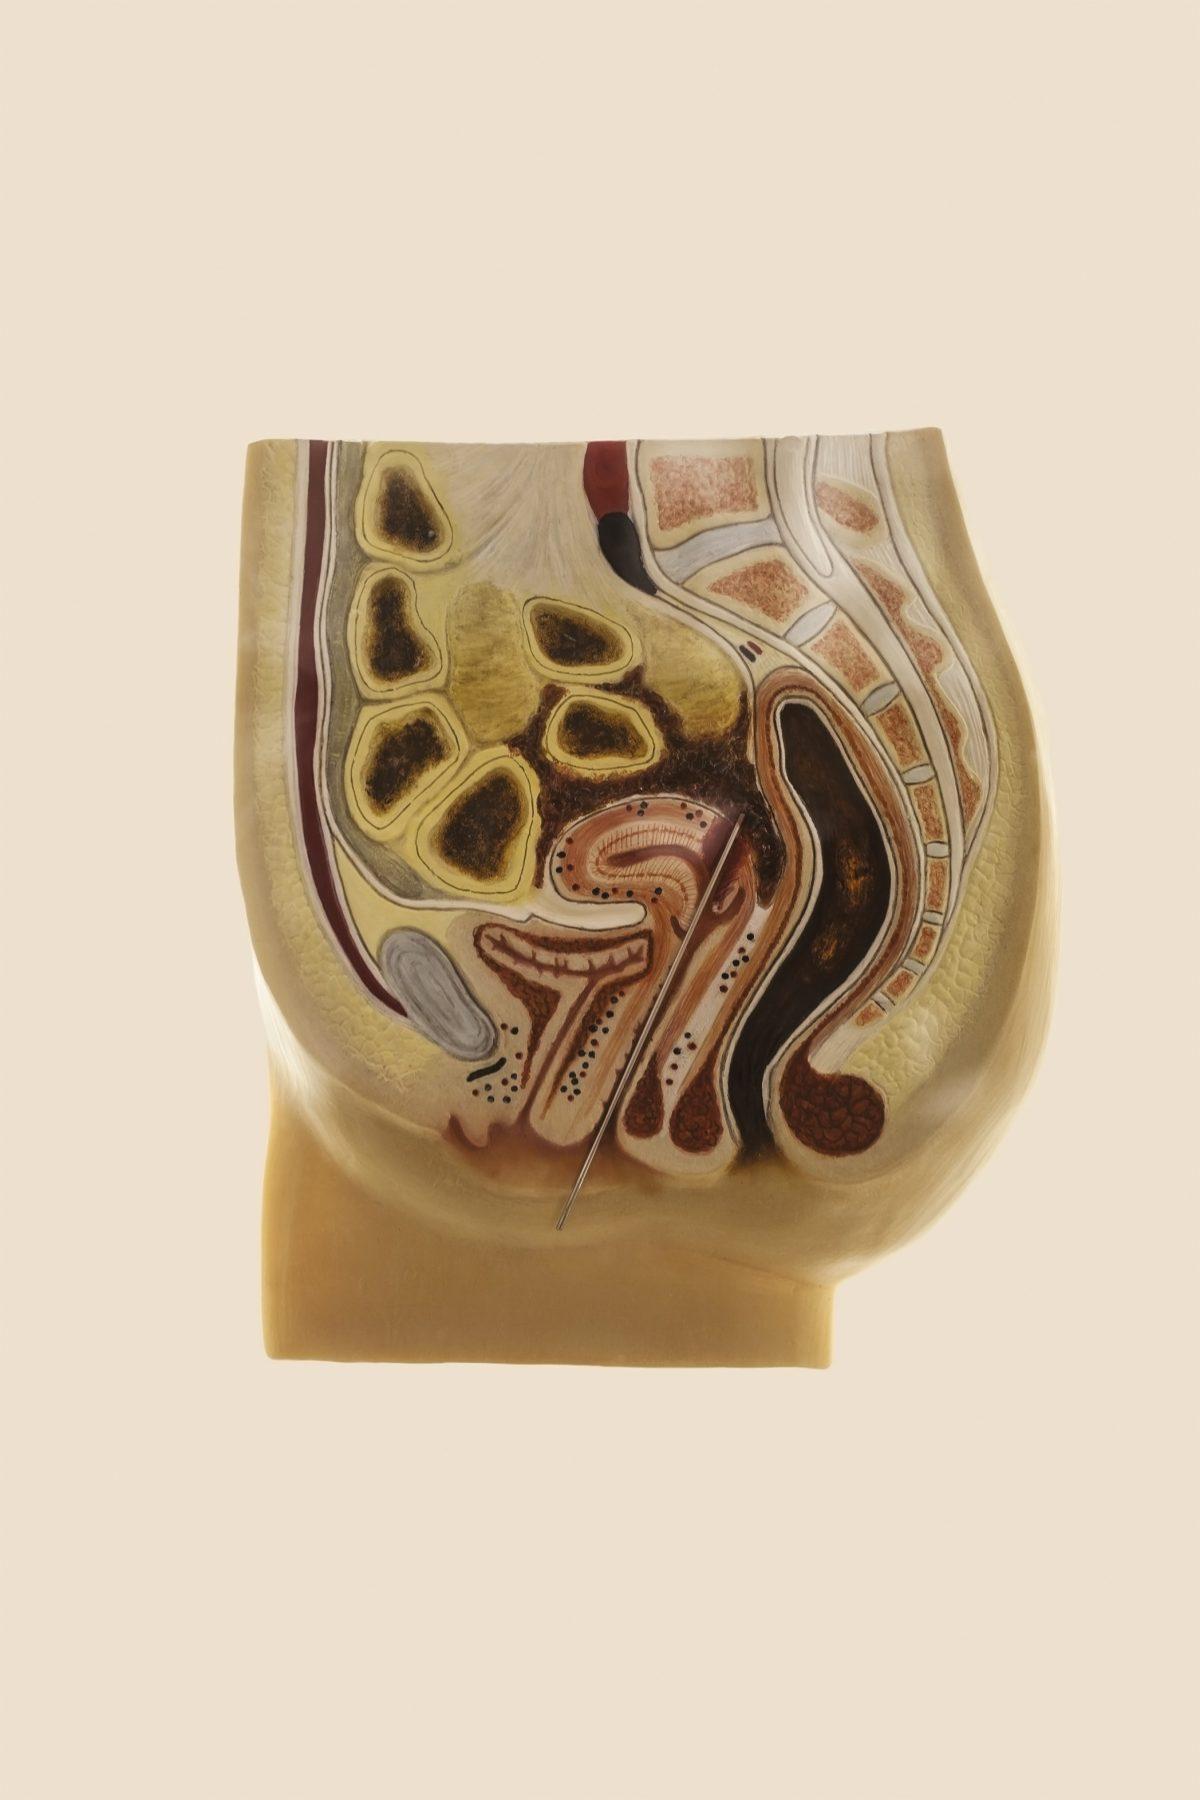 Coupe transversale d'un corps de femme, montrant les dommages d'un avortement effectué par des objets non destinés à cet usage © Laia Abril / Museum of Contraception and Abortion, Vienne, Autriche, 2015.